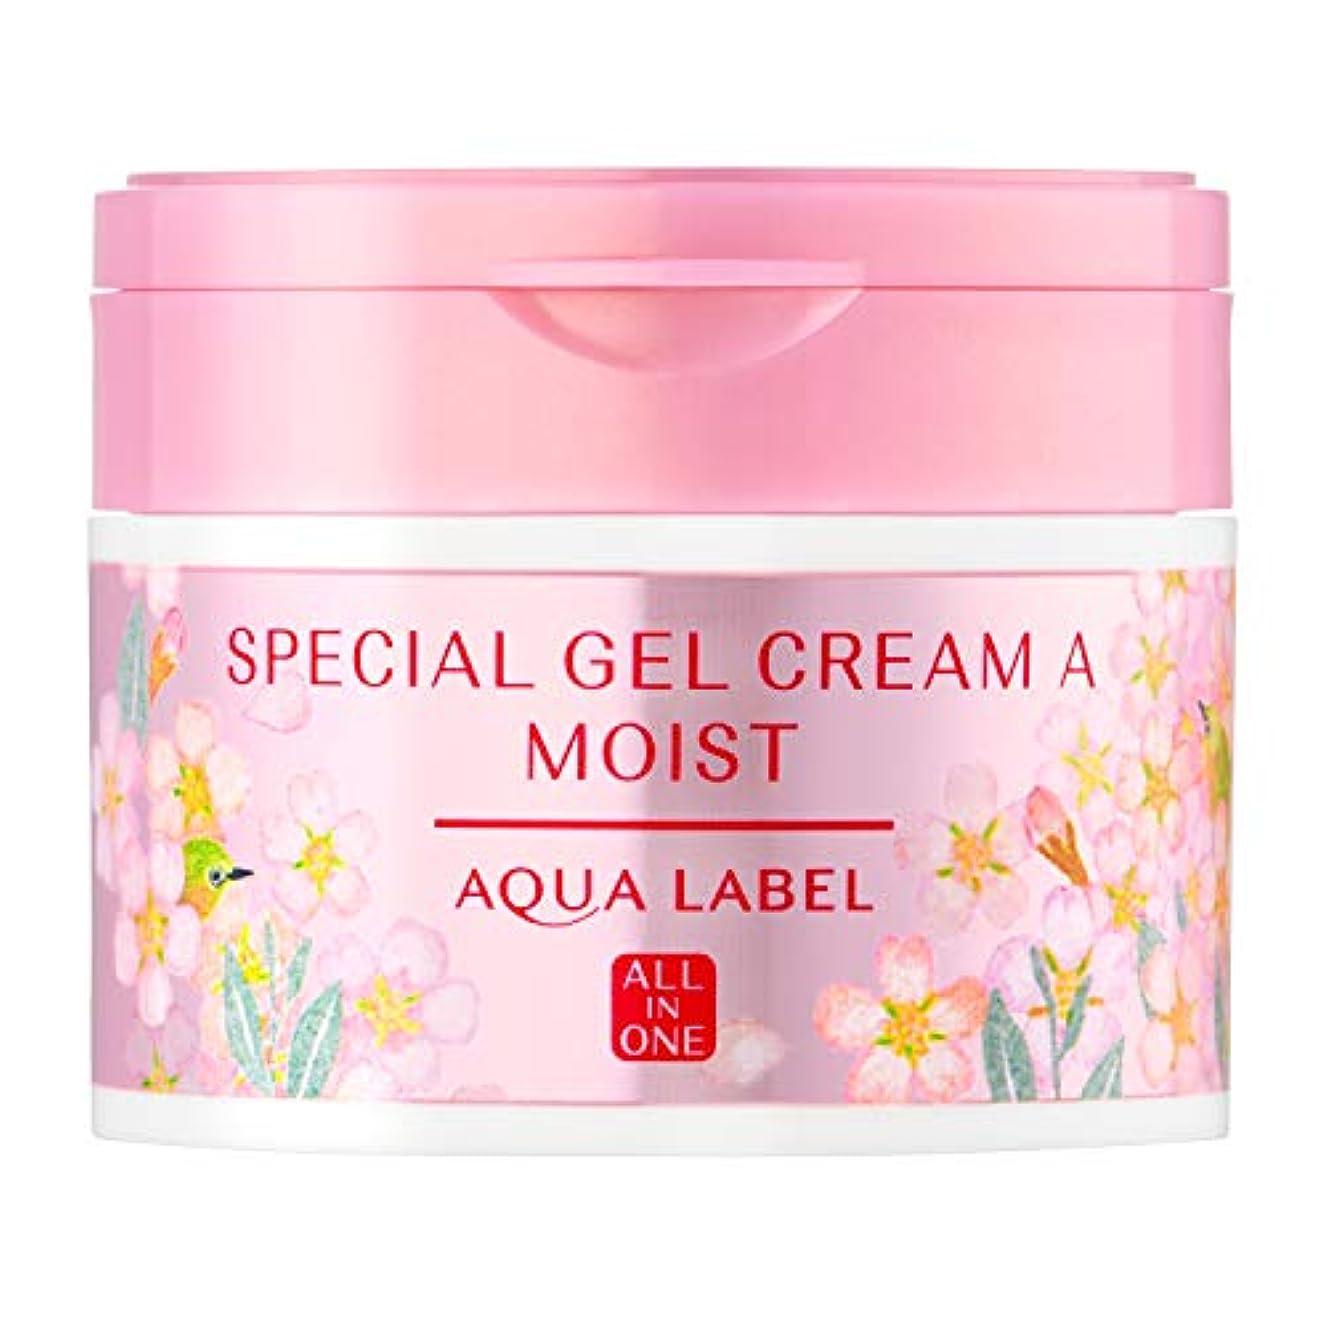 ハードウェア防止資料AQUALABEL(アクアレーベル) アクアレーベル スペシャルジェルクリームA (モイスト) 桜の香り 単品 本体(桜の香り)90g